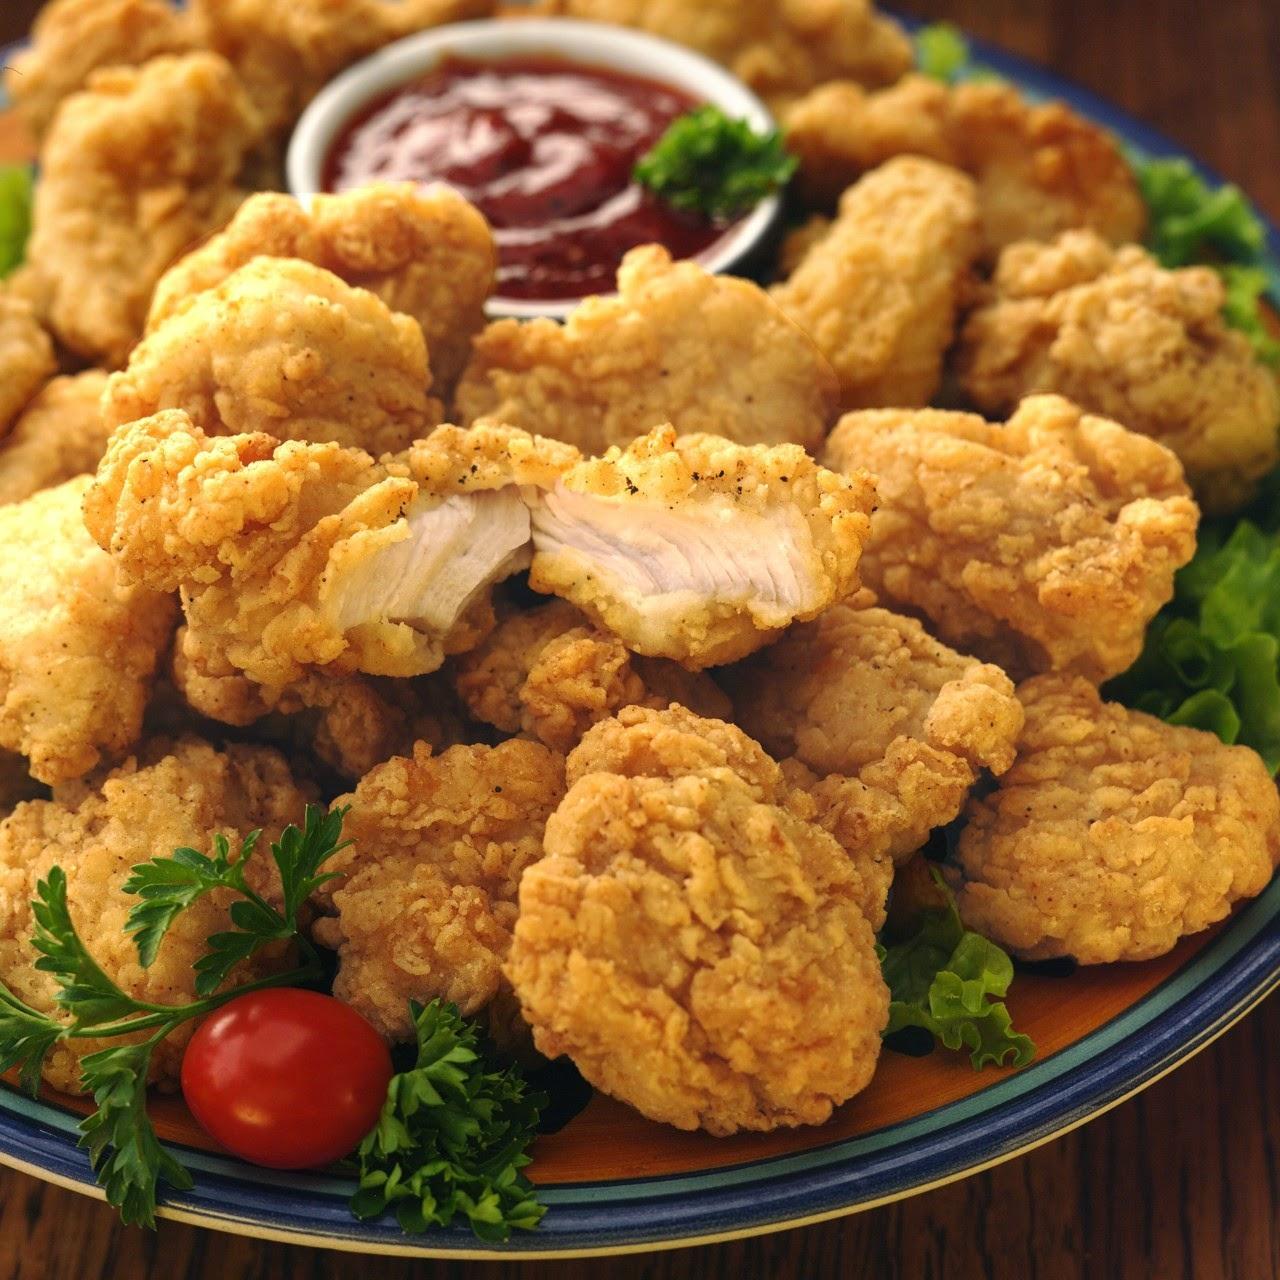 طريقة عمل بوب كورن الدجاج كنتاكي